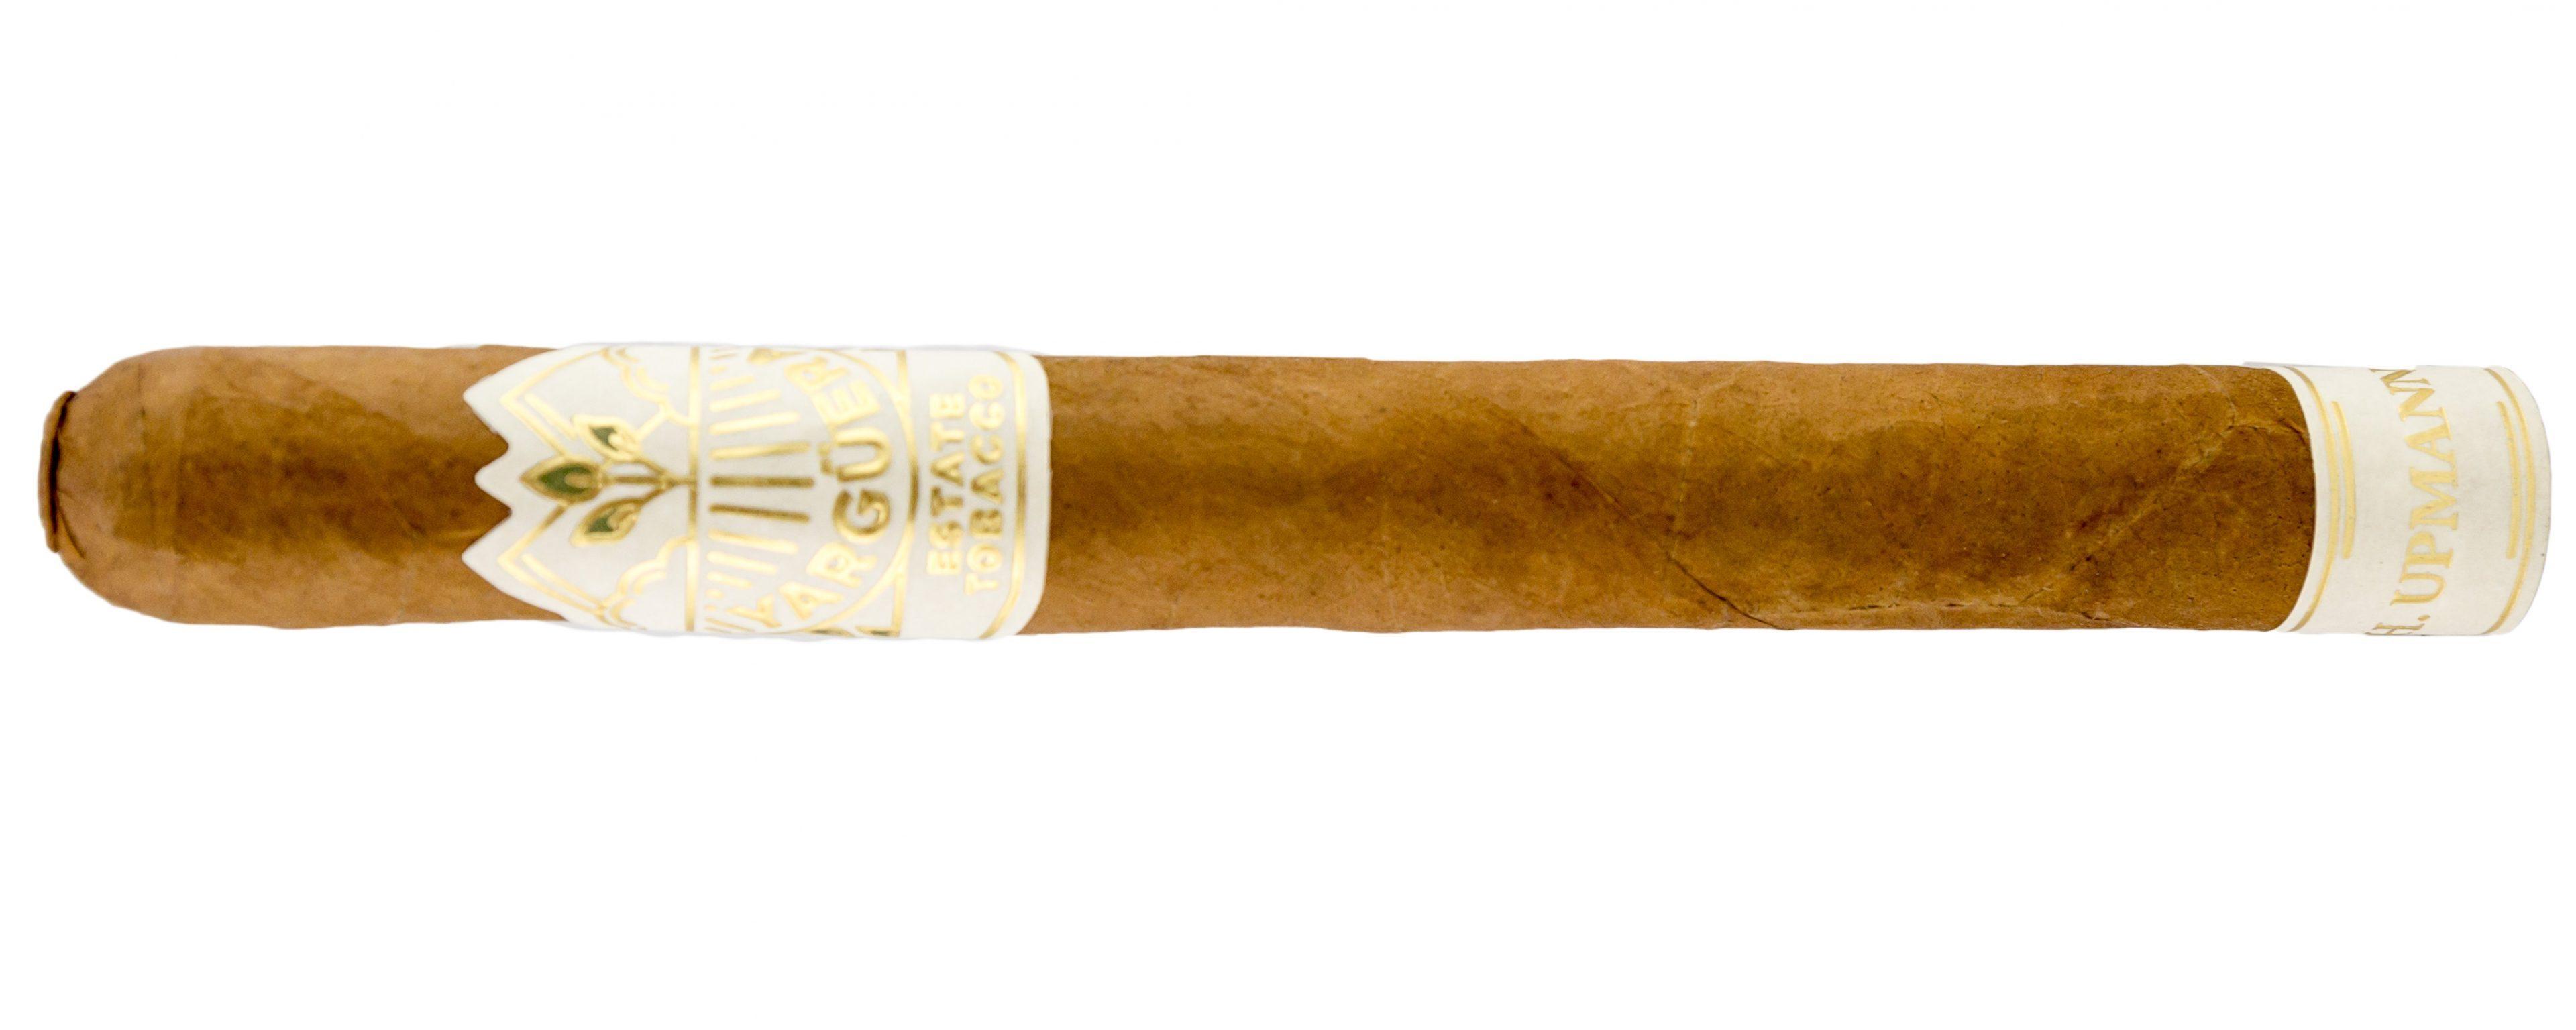 Blind Cigar Review: H. Upmann | Yargüera Lonsdale